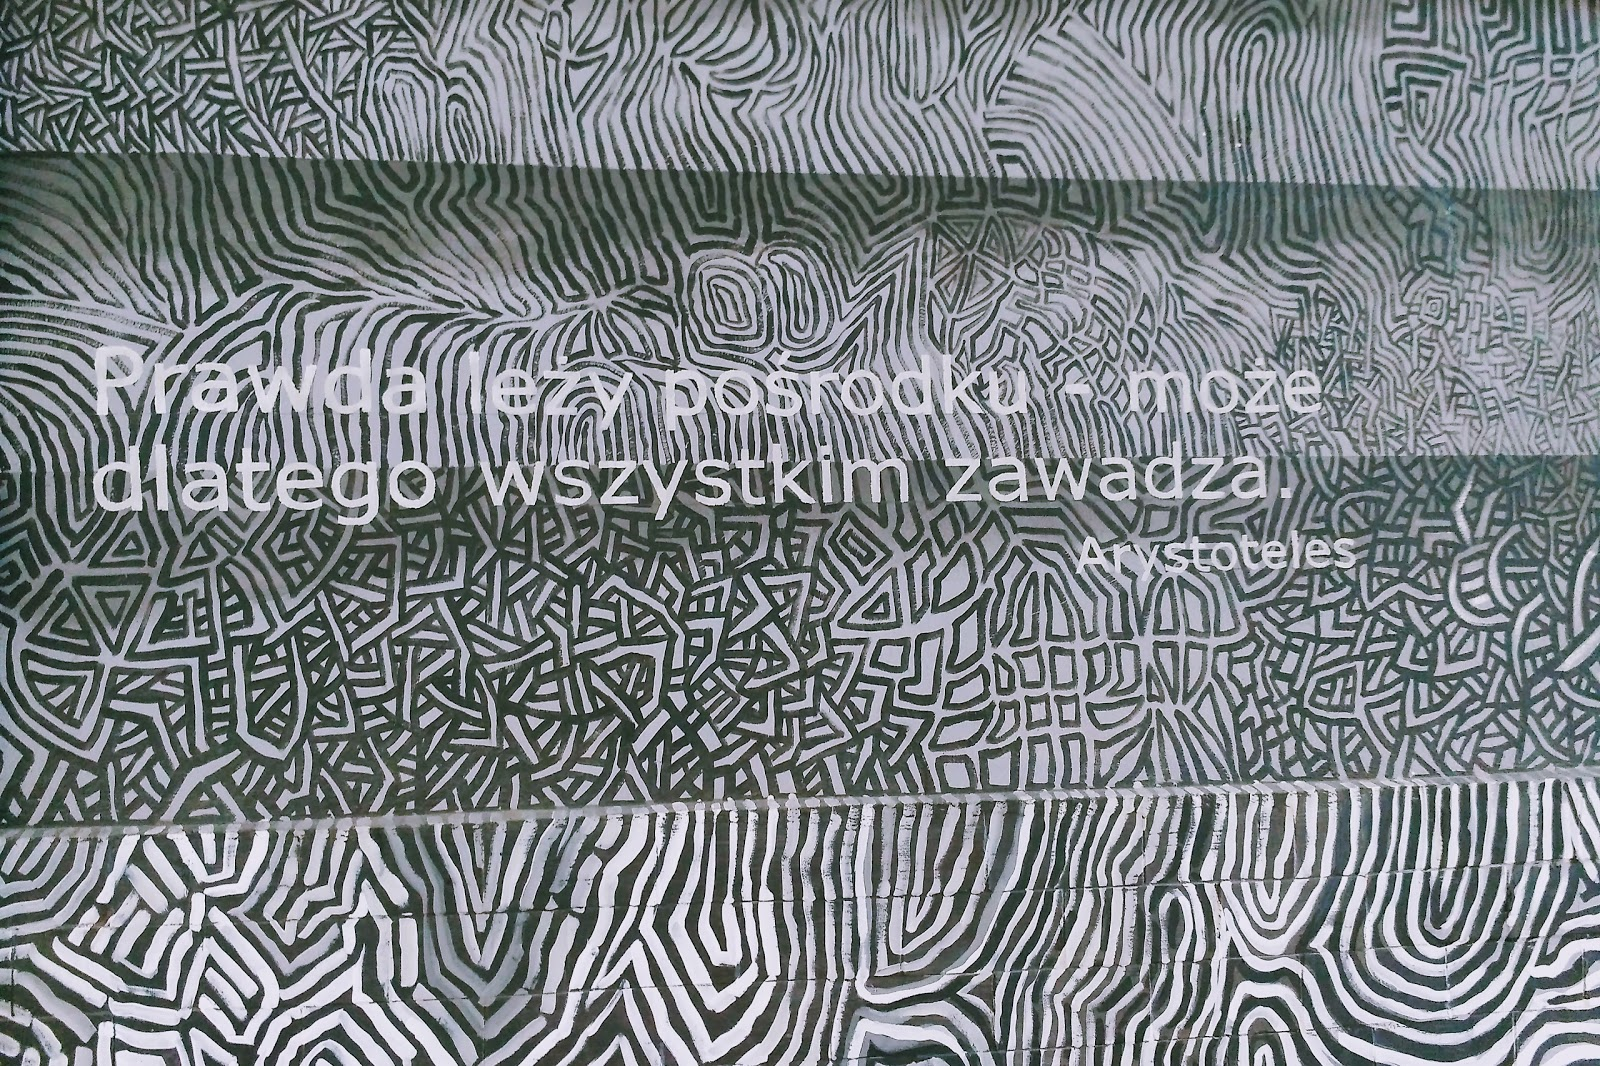 mural Roosevelta Wrocław